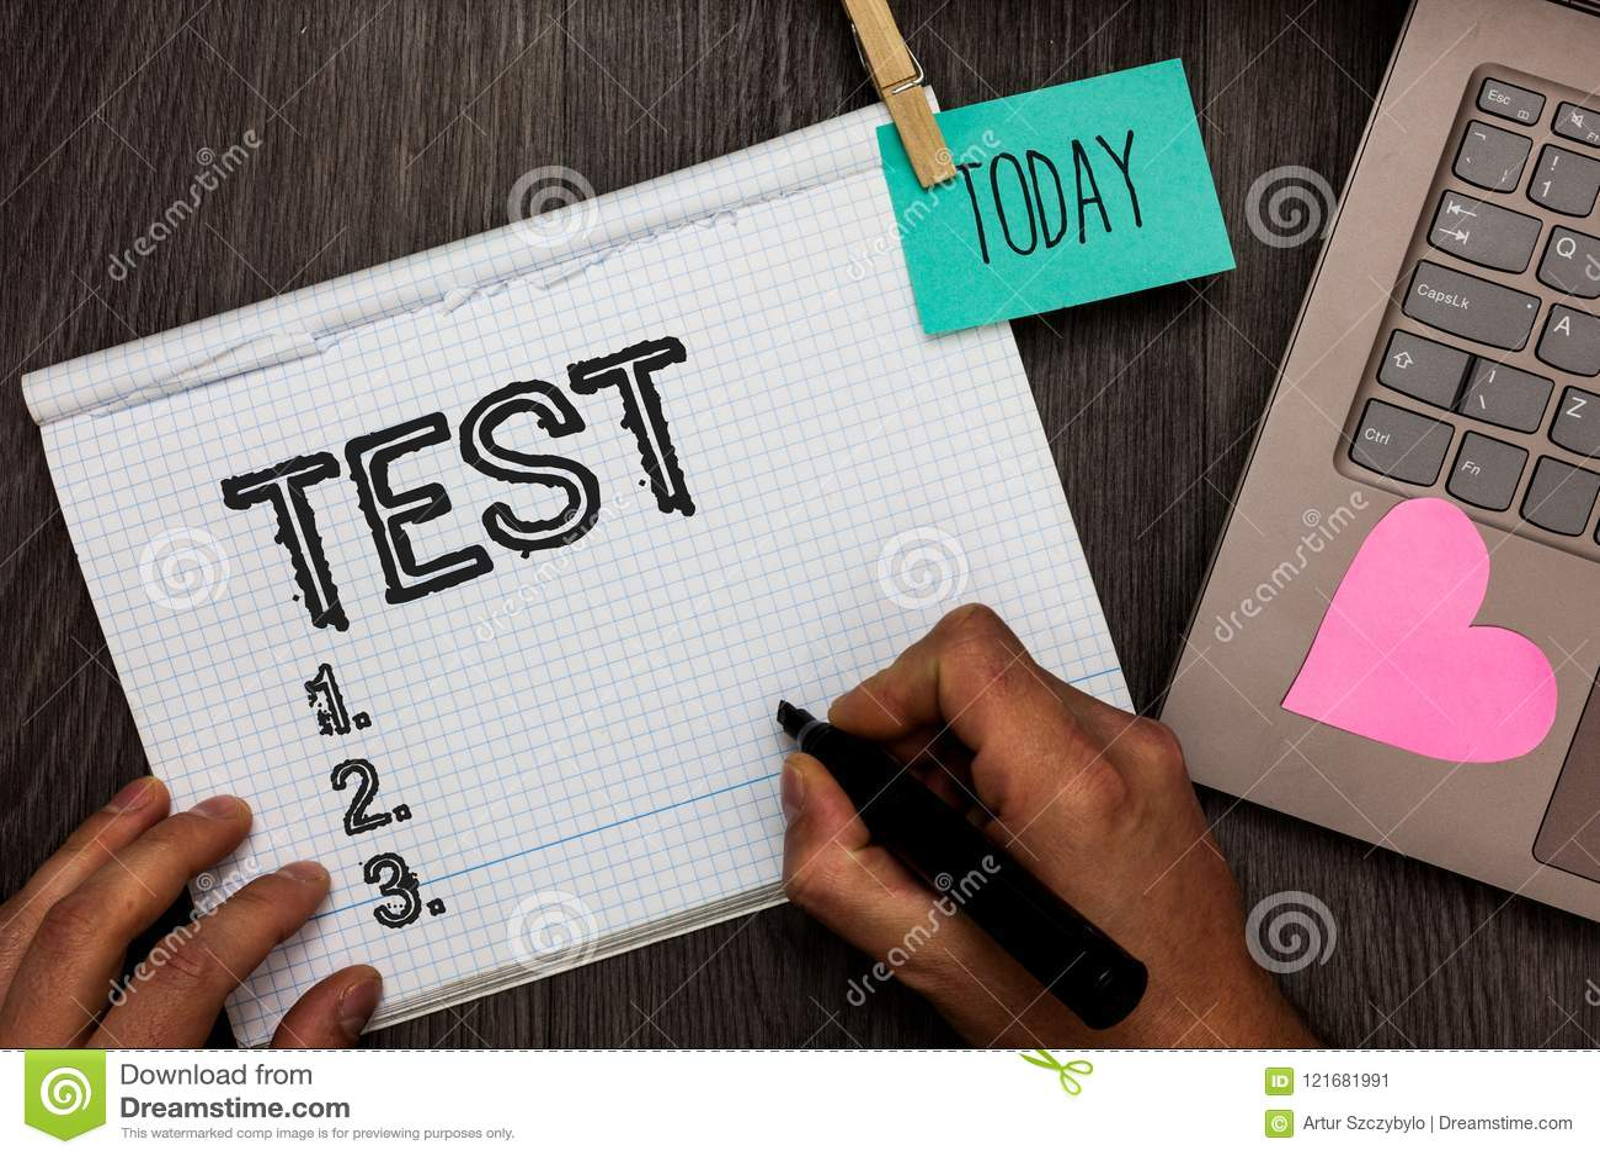 Το σημάδι κειμένων που παρουσιάζει στη δοκιμή εννοιολογική φωτογραφία ακαδημαϊκή συστημική διαδικασία αξιολογεί το διορισμό ικανό